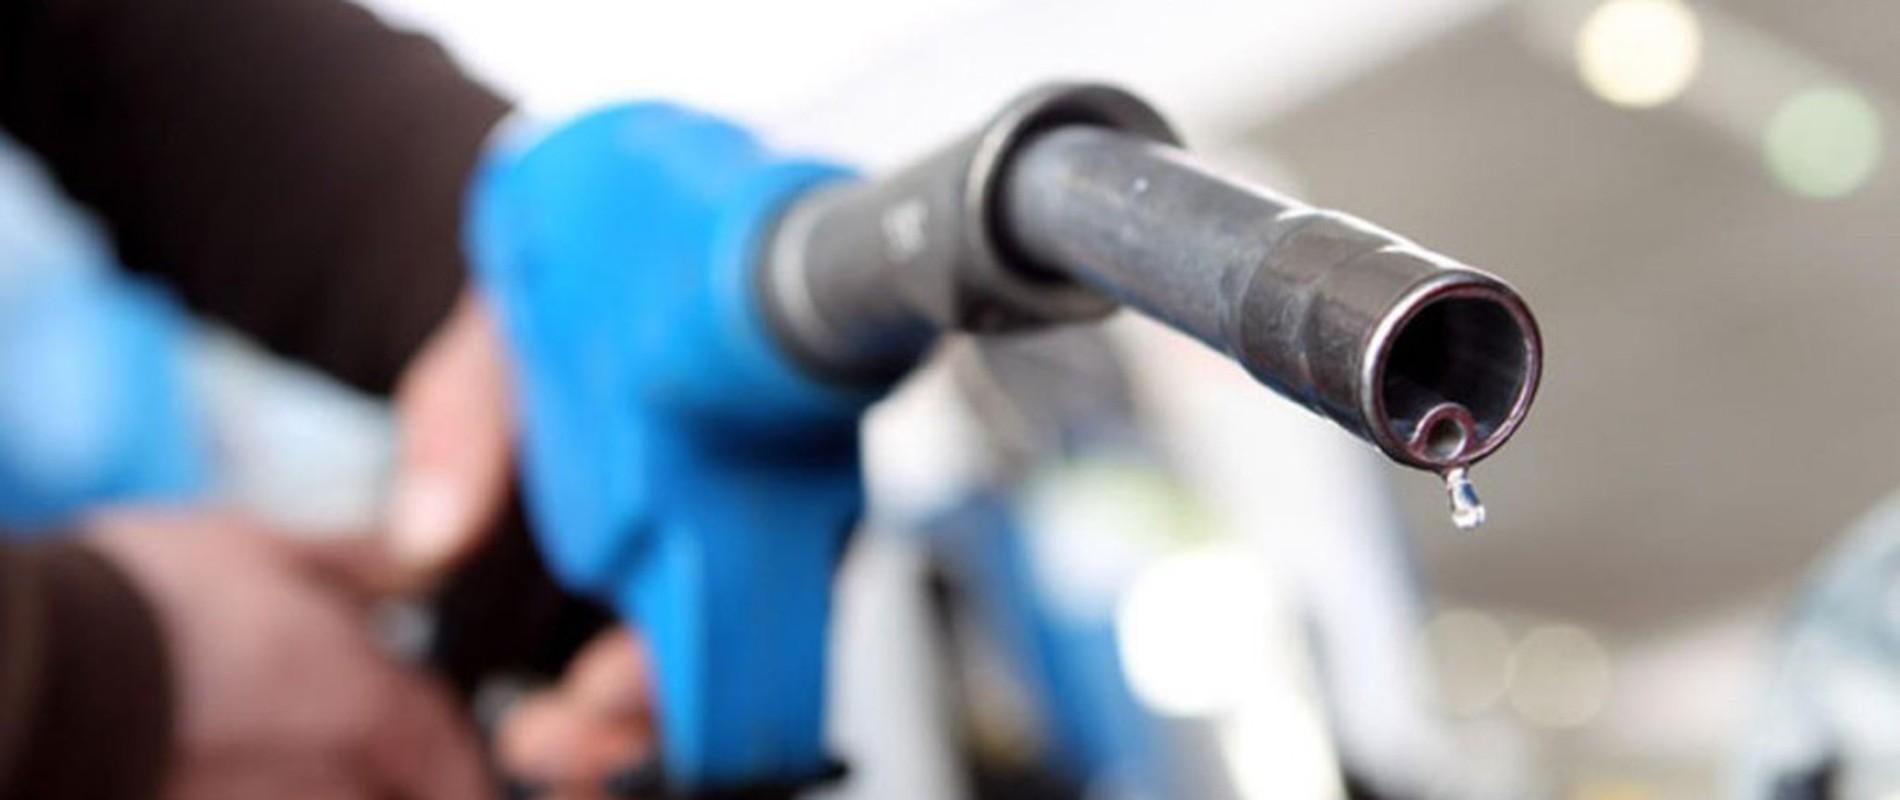 Combustivel adulterado